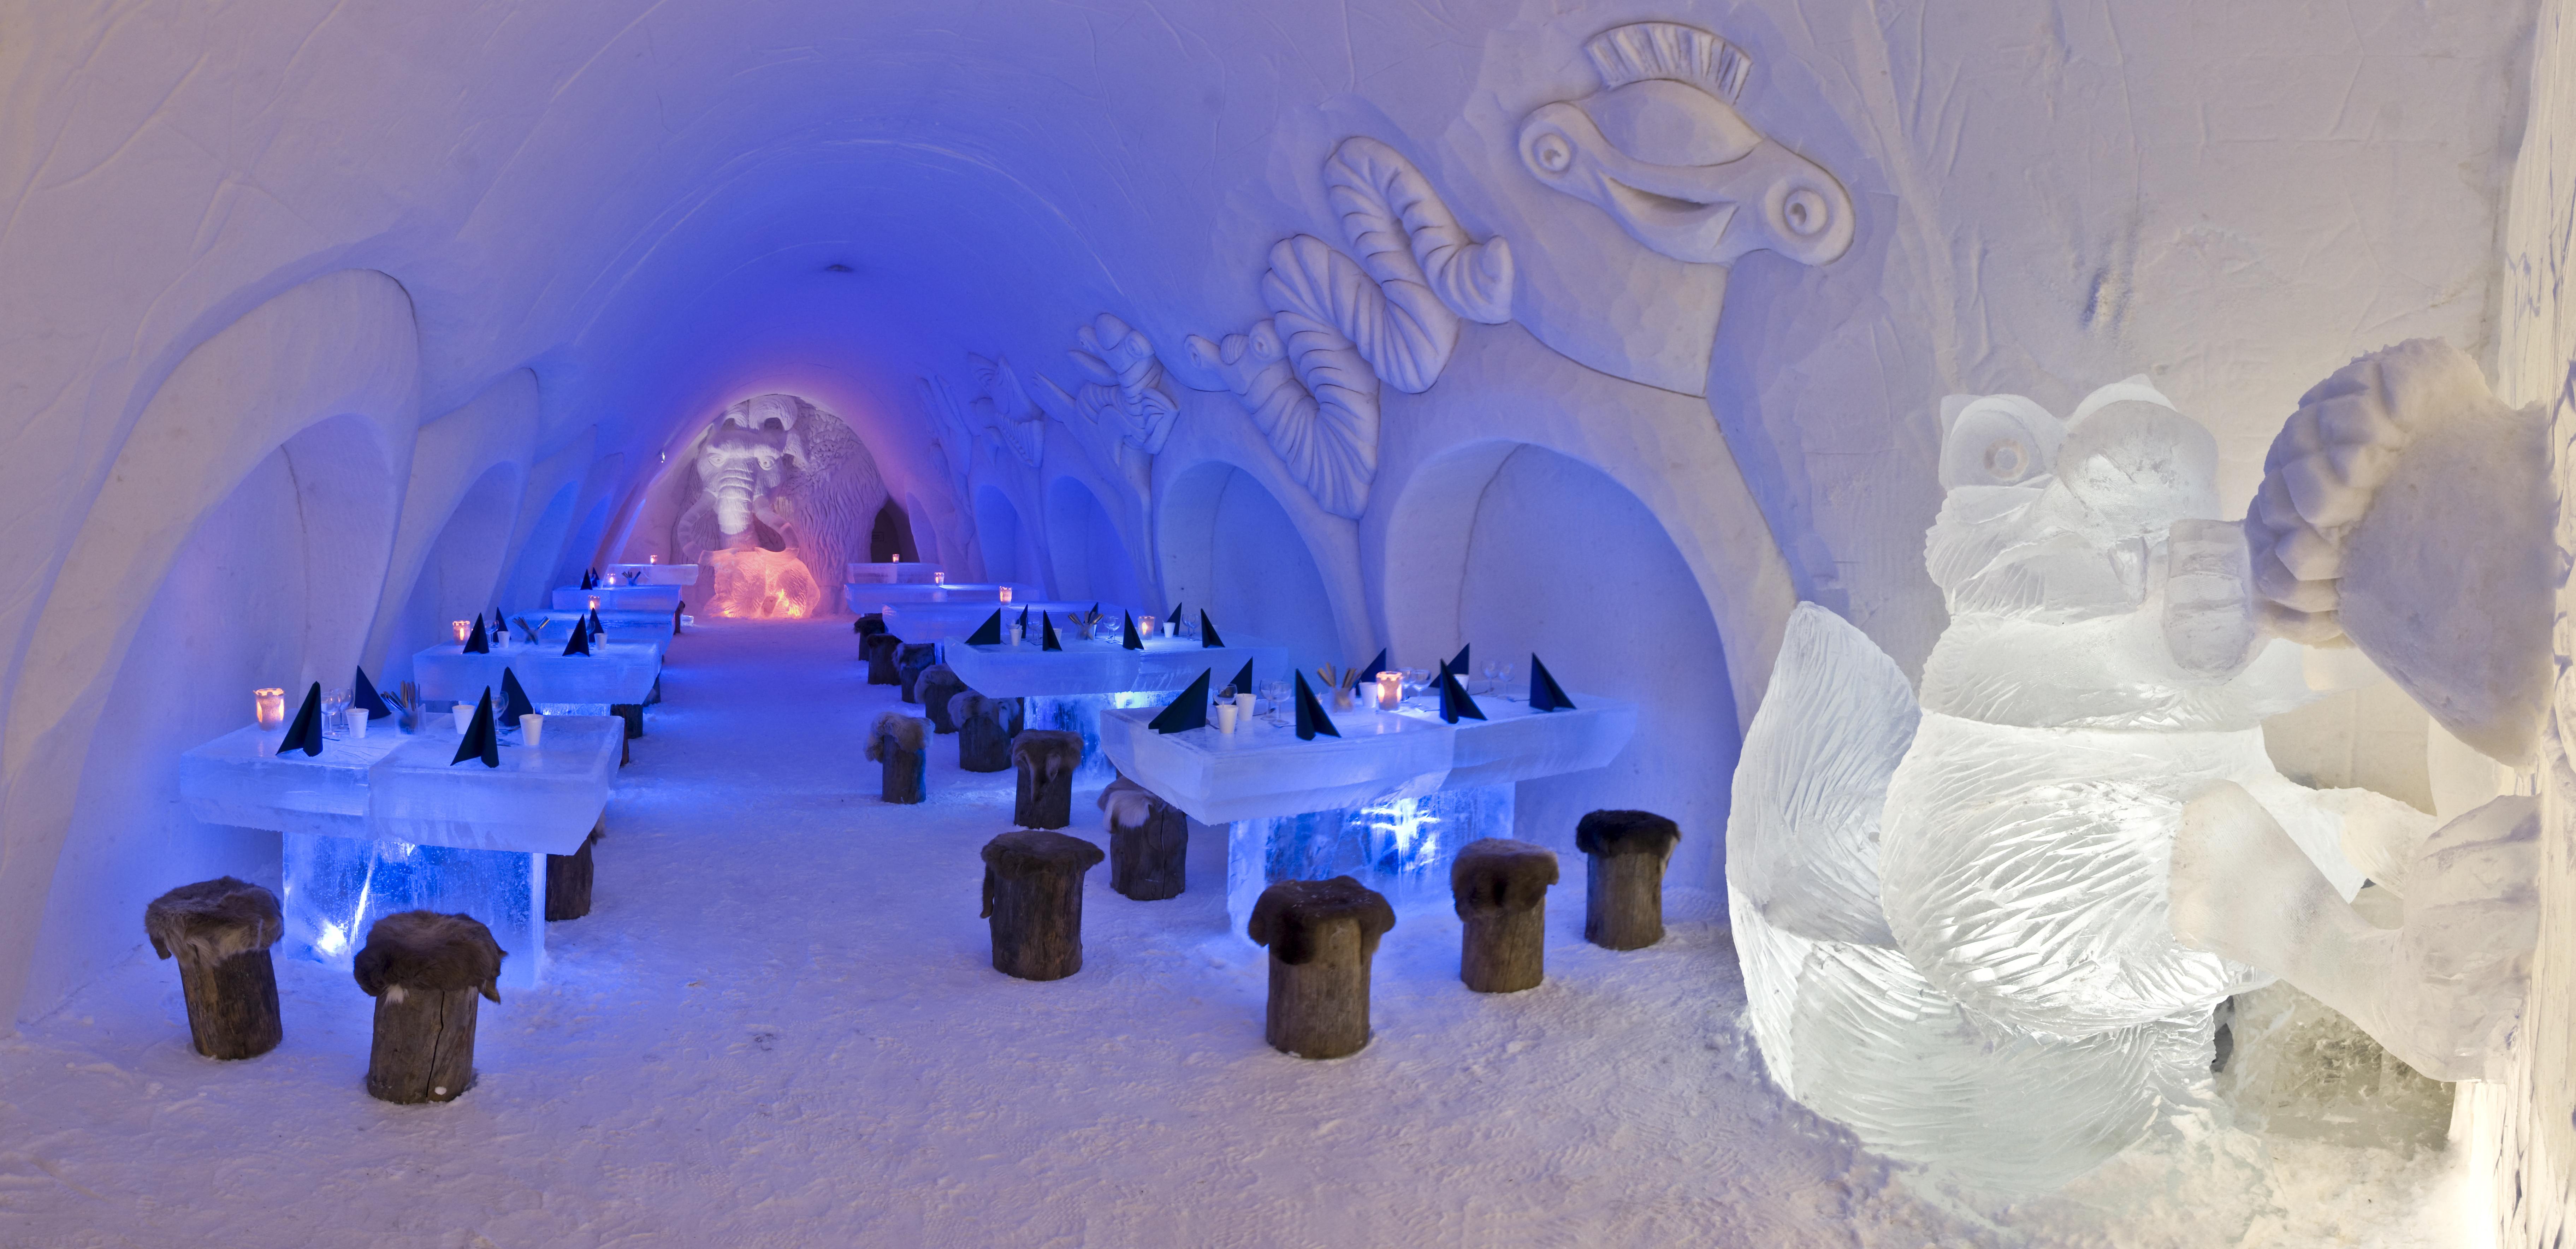 bangunan yang terbuat dari es dan salju